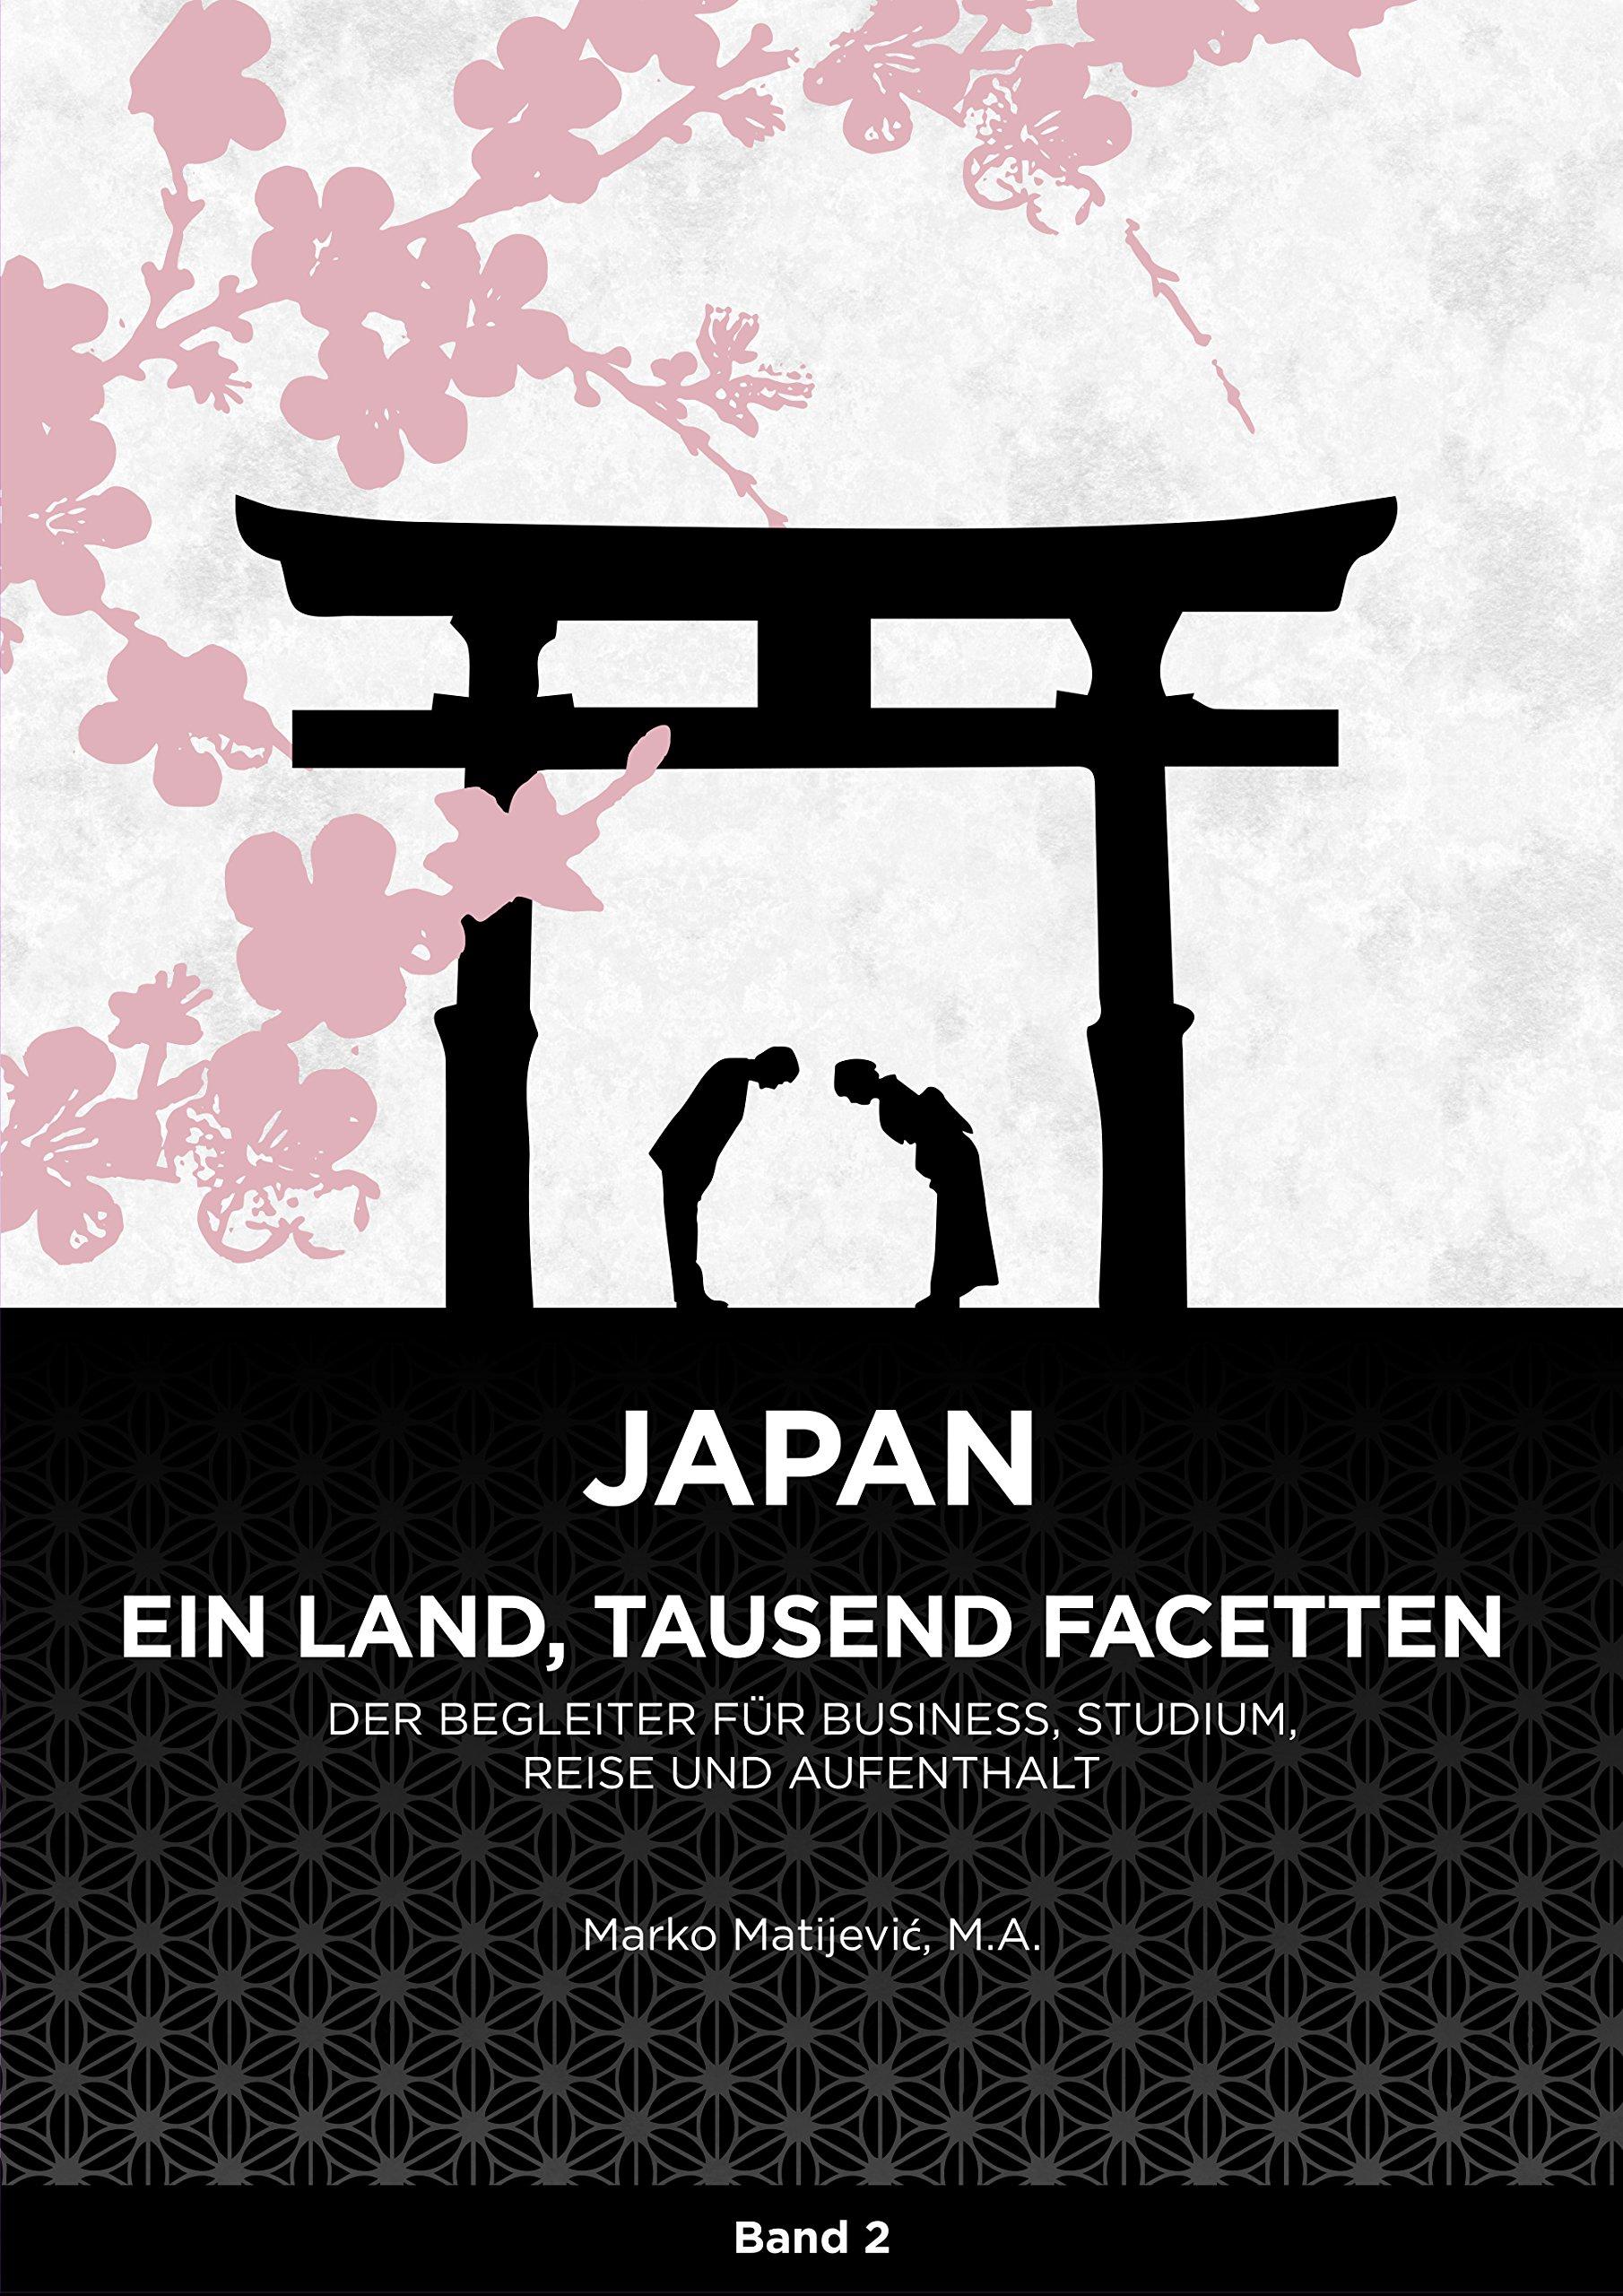 Japan - Ein Land, tausend Facetten / Band 2: Begleiter für Business, Studium, Reise und Aufenthalt